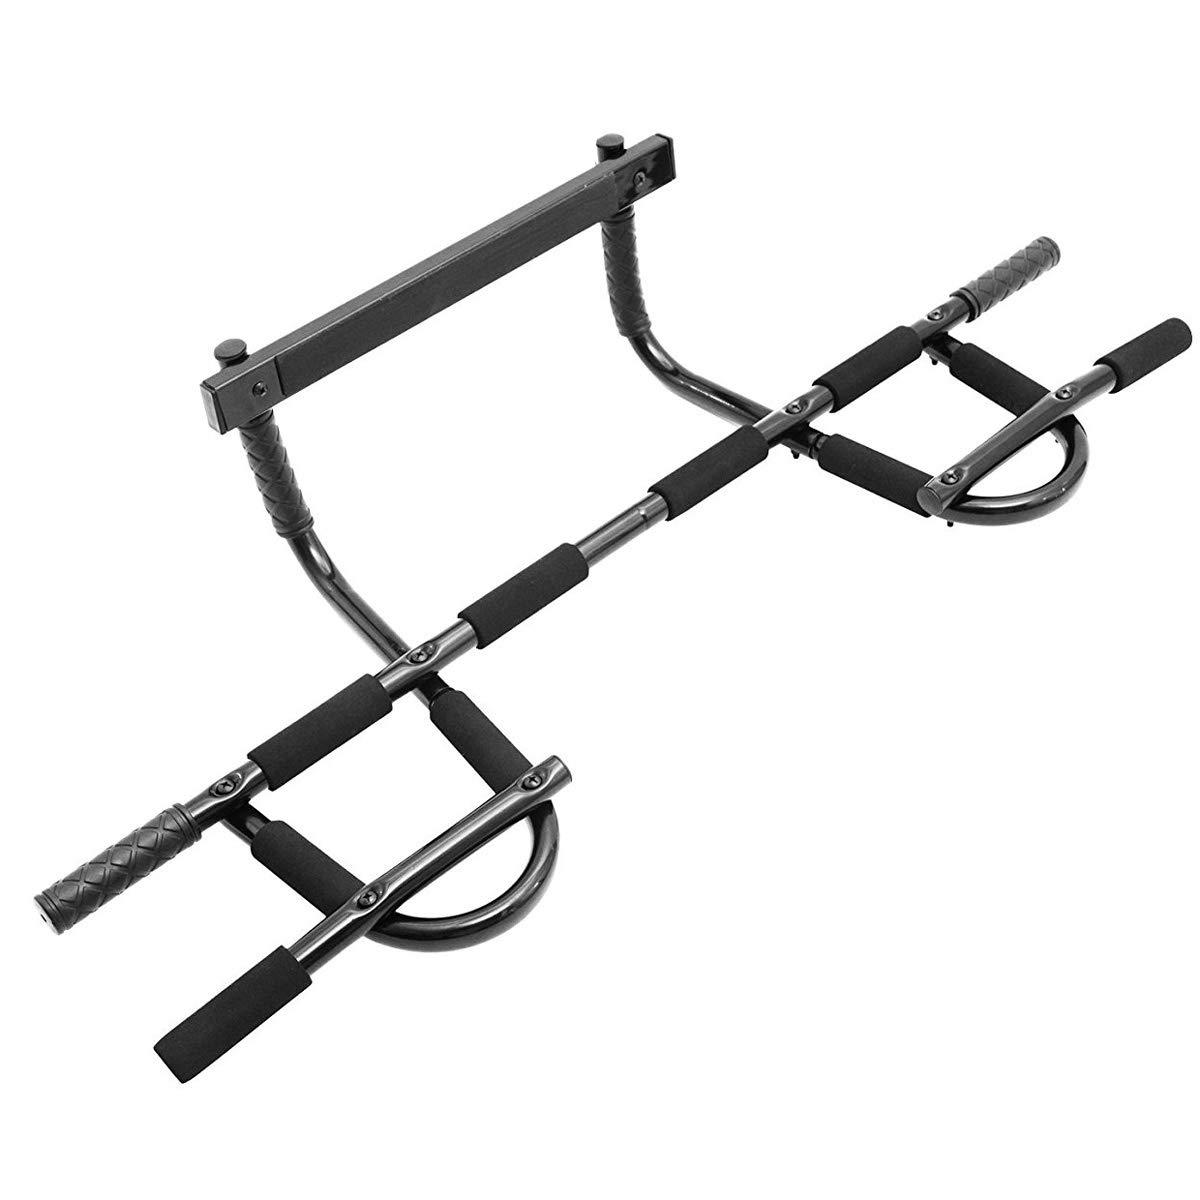 XHHWZB Klimmzugstange-Klimmzug-Klimmzug-Klimmzug-Stangen Multi-Grip Trainer-Training für Hauptgymnastik, hält bis 330 lbs